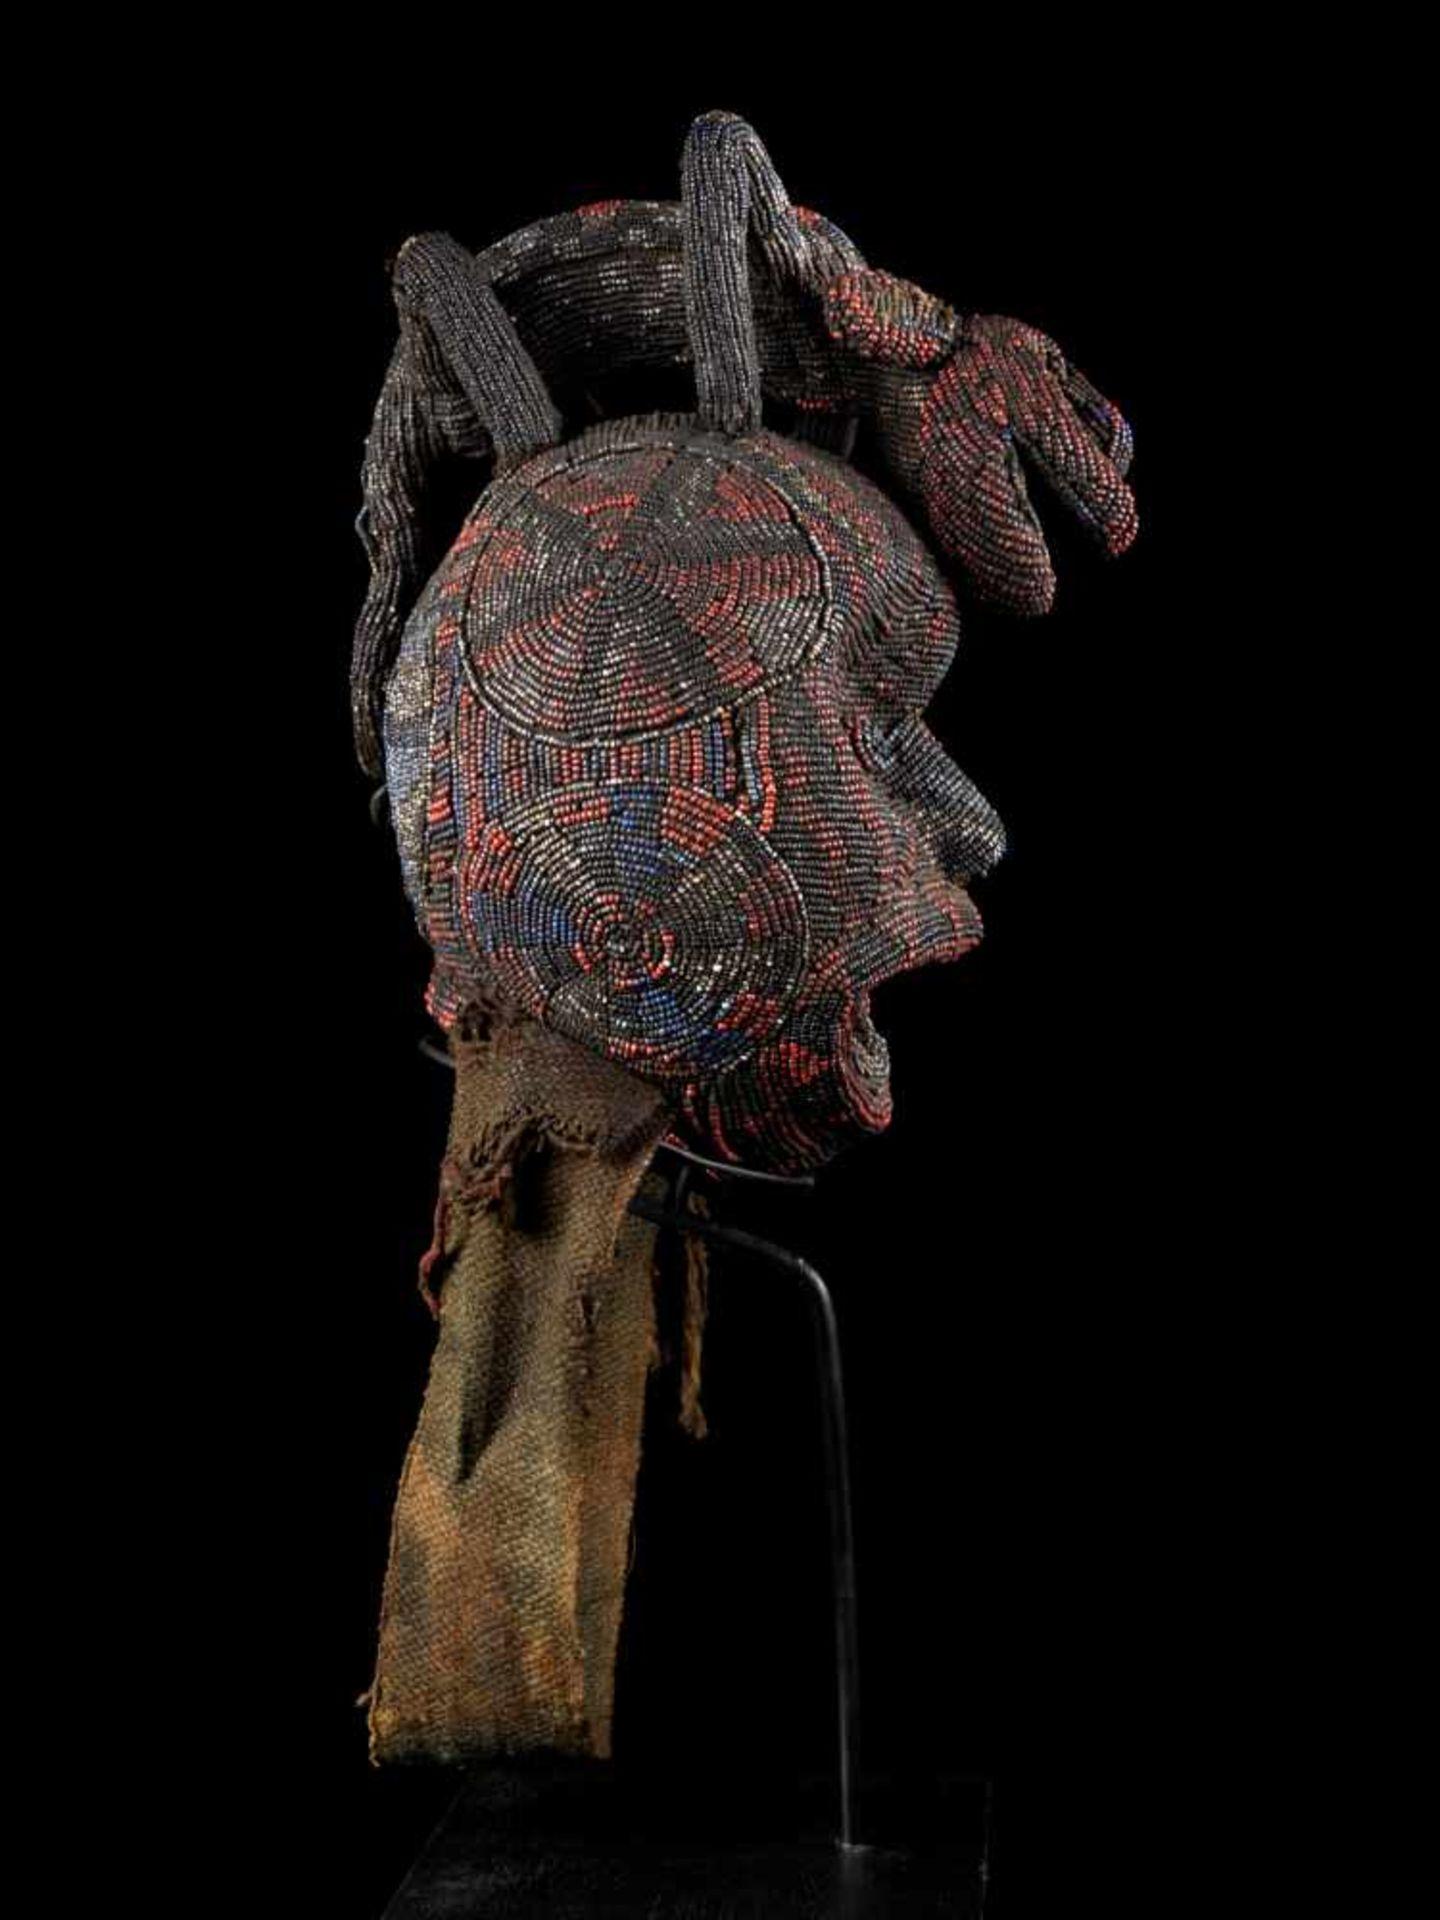 """Beaded Ceremonial Head """"Adwonzen"""" With Leopard Mount, Grassland People, Cameroon - Tribal - Bild 5 aus 5"""